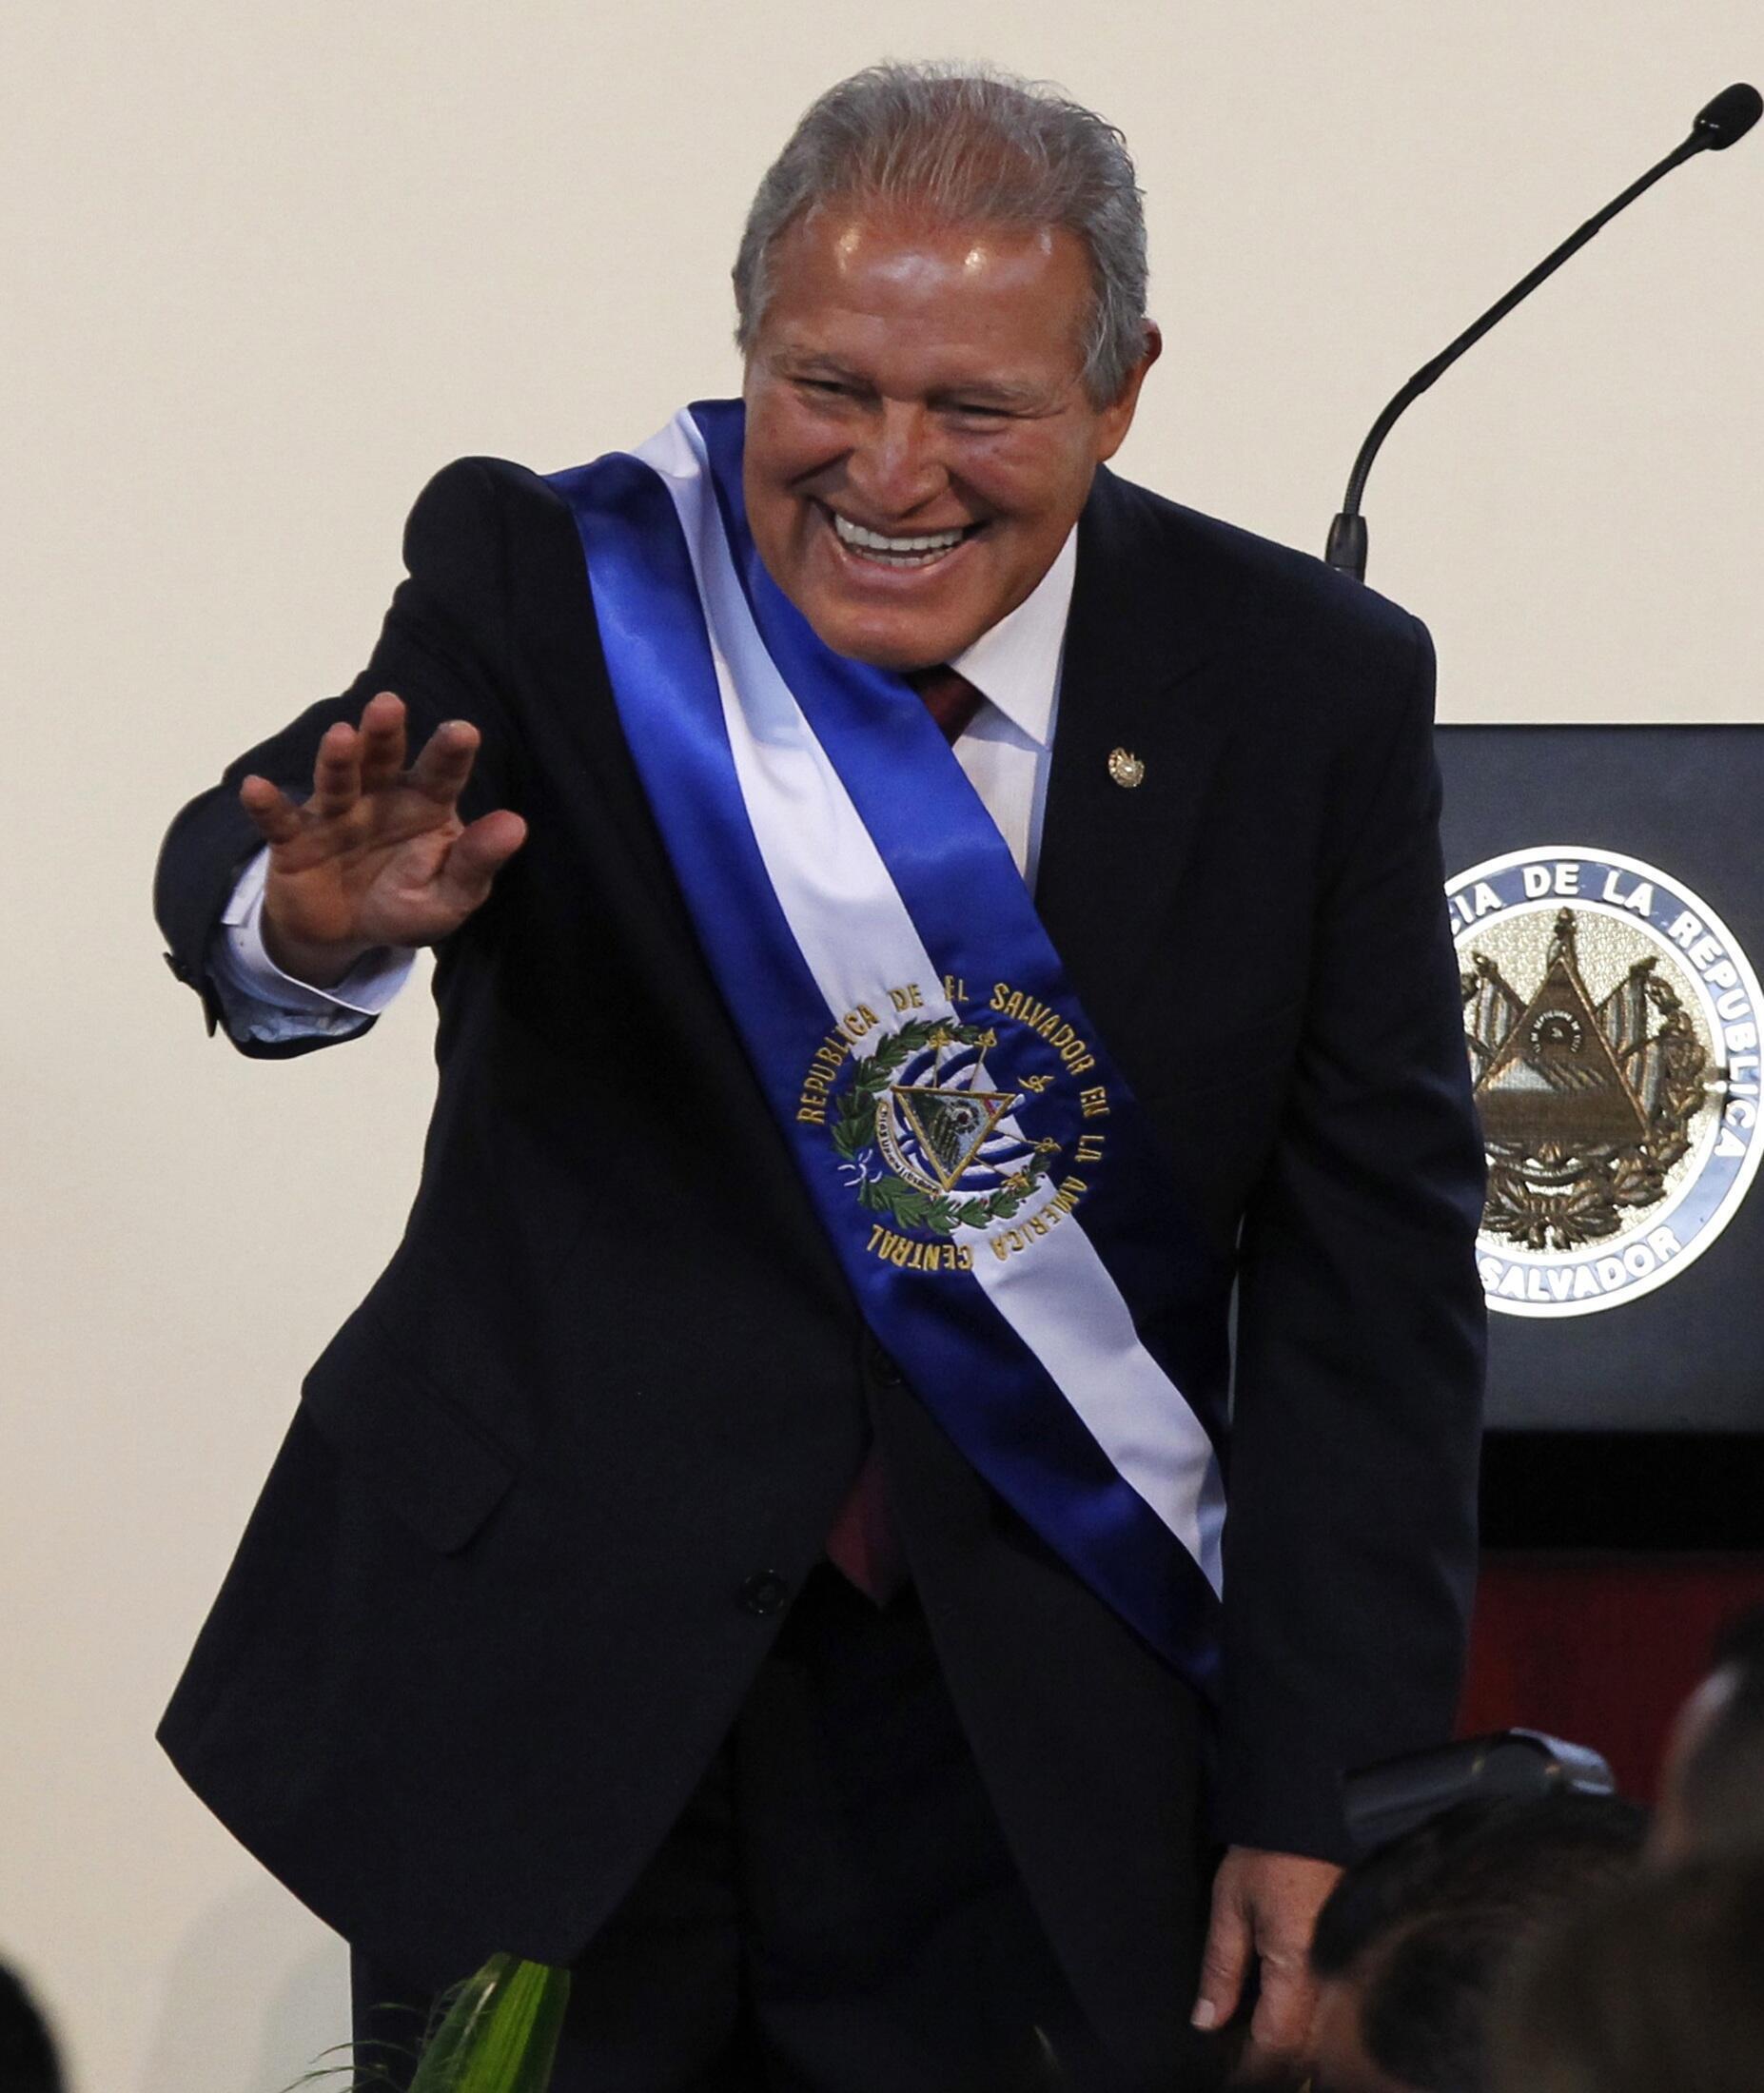 Salvador Sánchez Cerén saluda tras asumir la presidencia de El Salvador, este 1° de junio del 2014, en San Salvador.